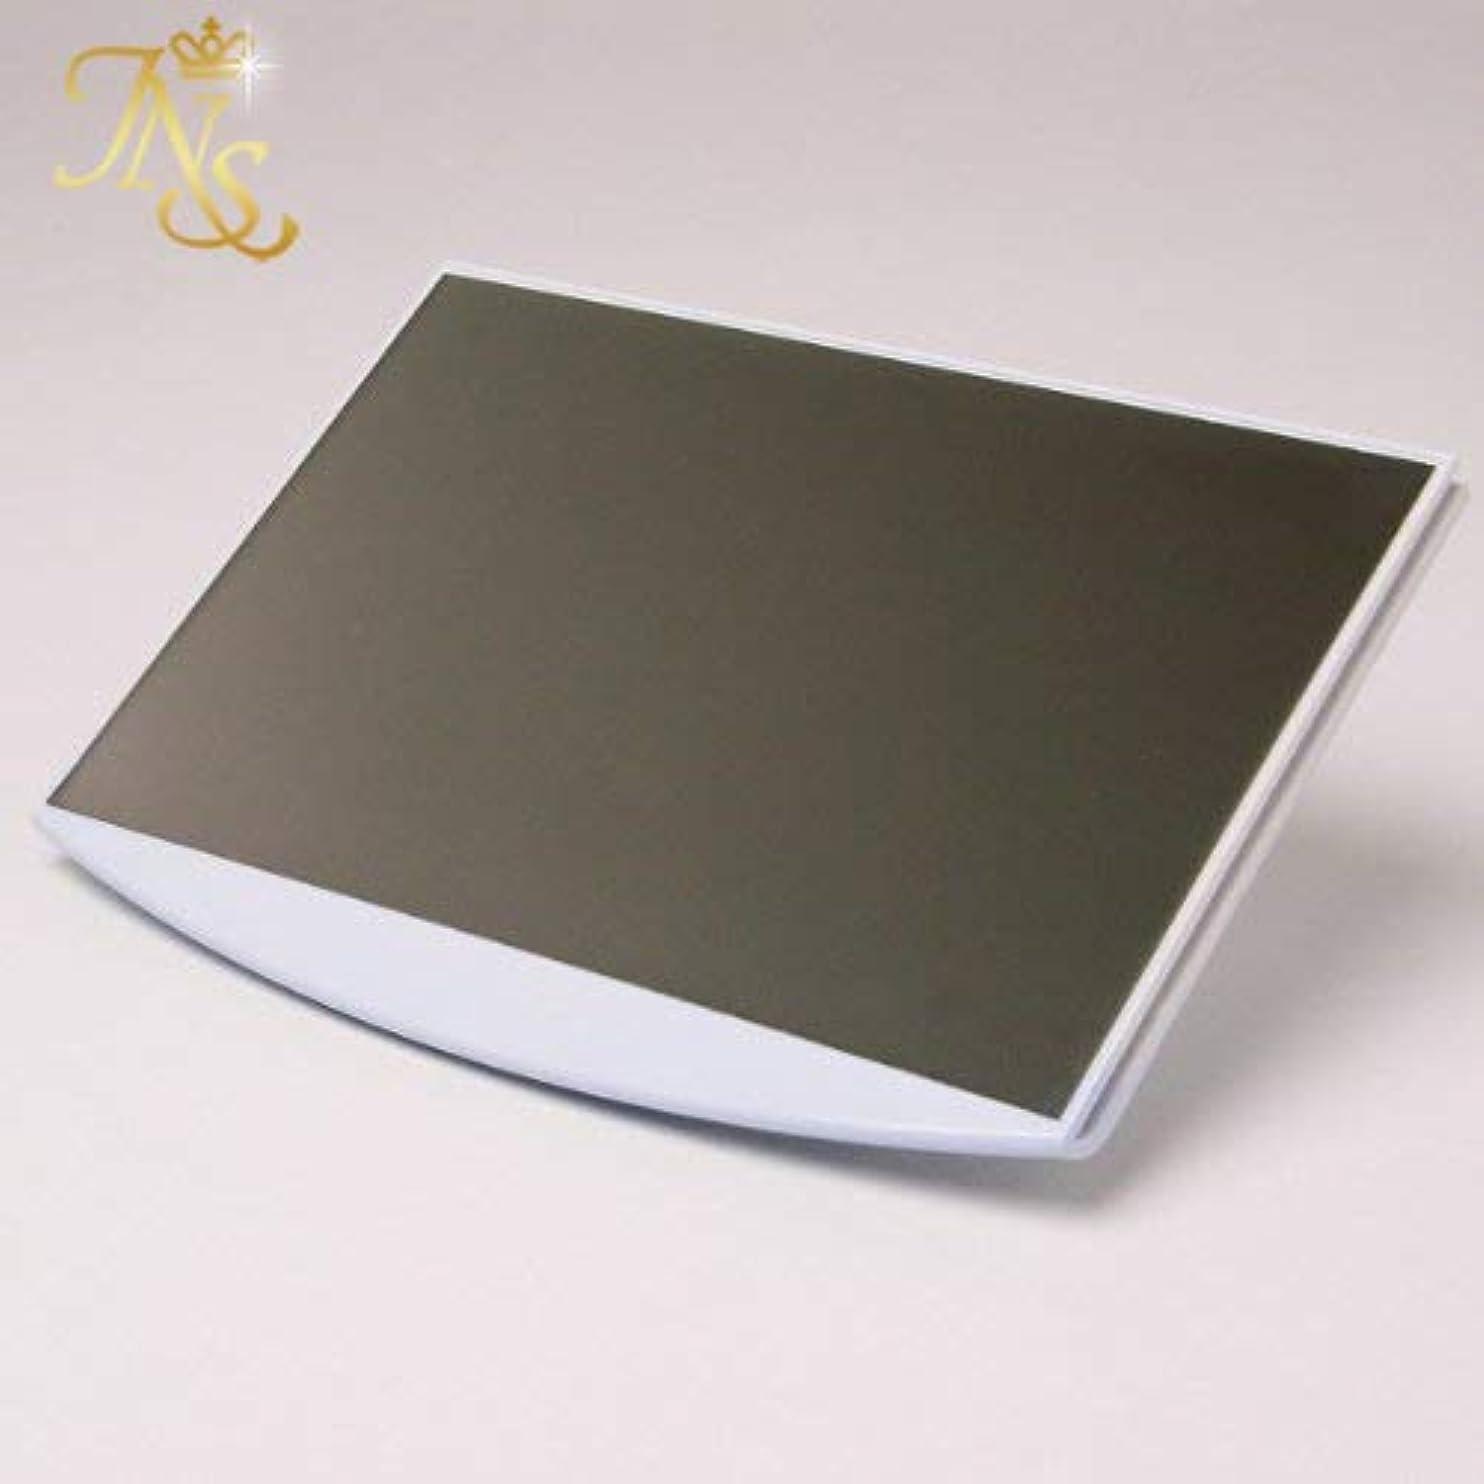 知覚するアピール一族LEDライト ジェルネイル デジタルプロLED7交換用底板